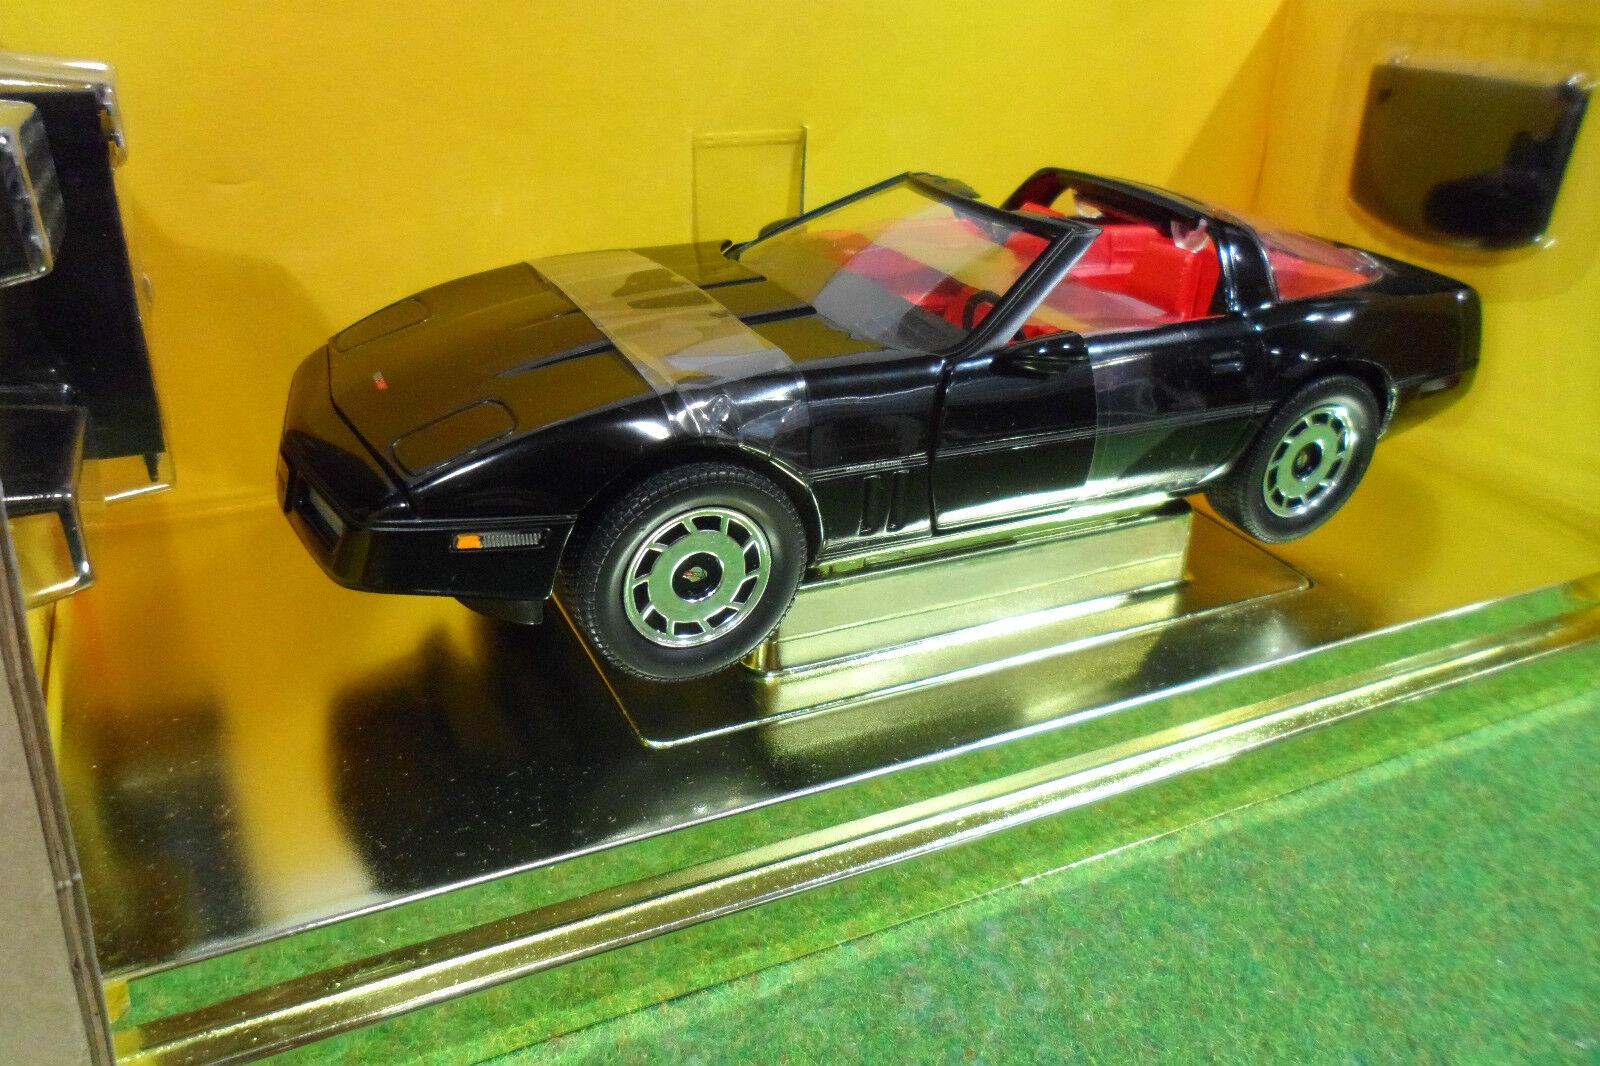 ordenar ahora CHEVROLET CORVETTE COUPE 1984 cabriolet 1 18 AMERICAN AMERICAN AMERICAN MUSCLE ERTL 33177 voiture  bienvenido a elegir